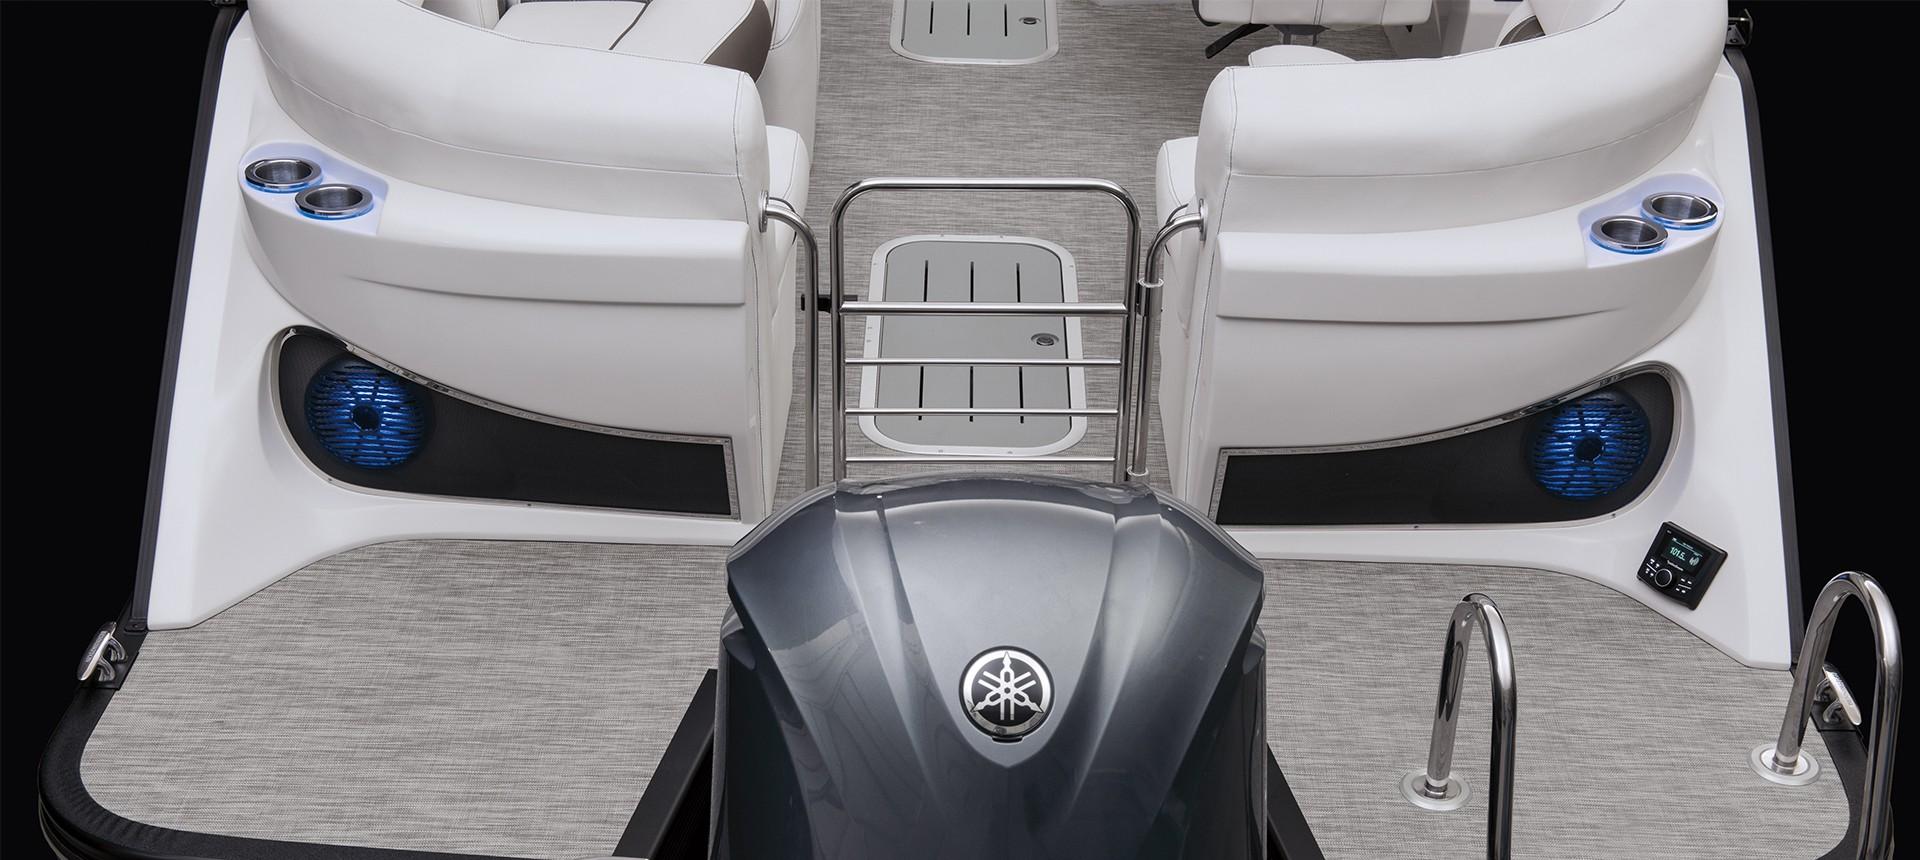 R Bowrider Model